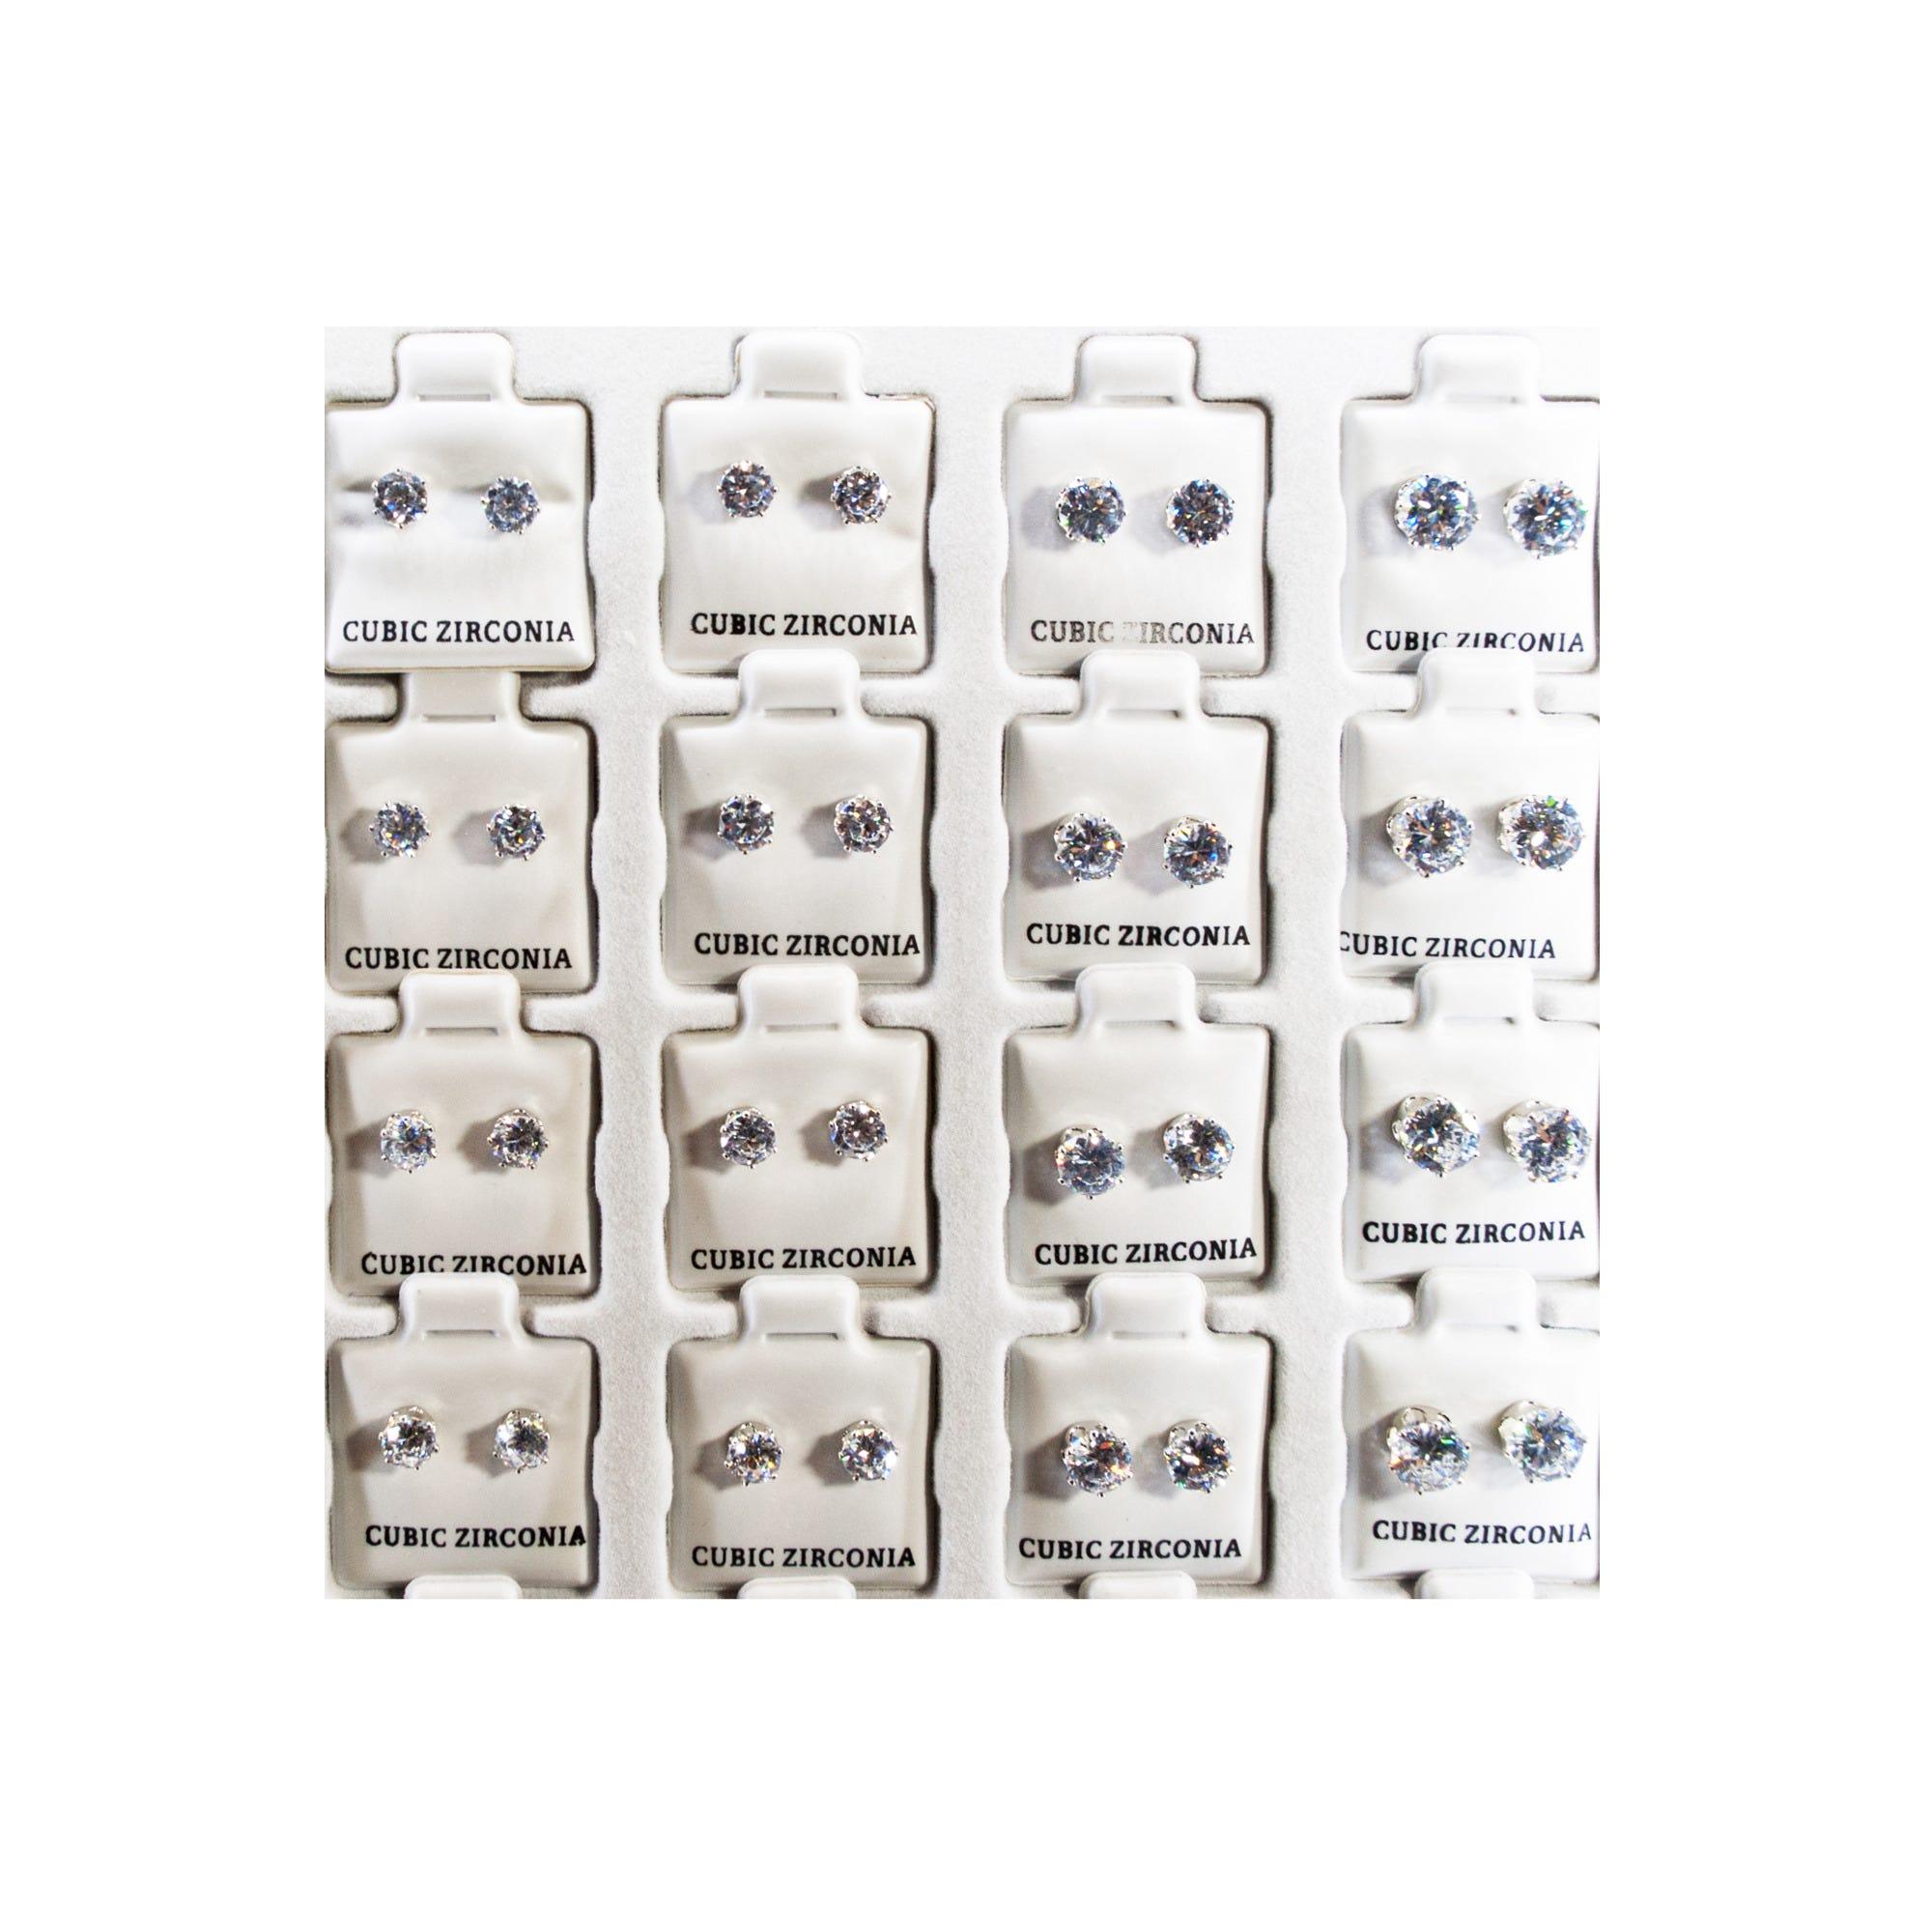 CUBIC ZIRCONIA Earrings Refill- Qty 72